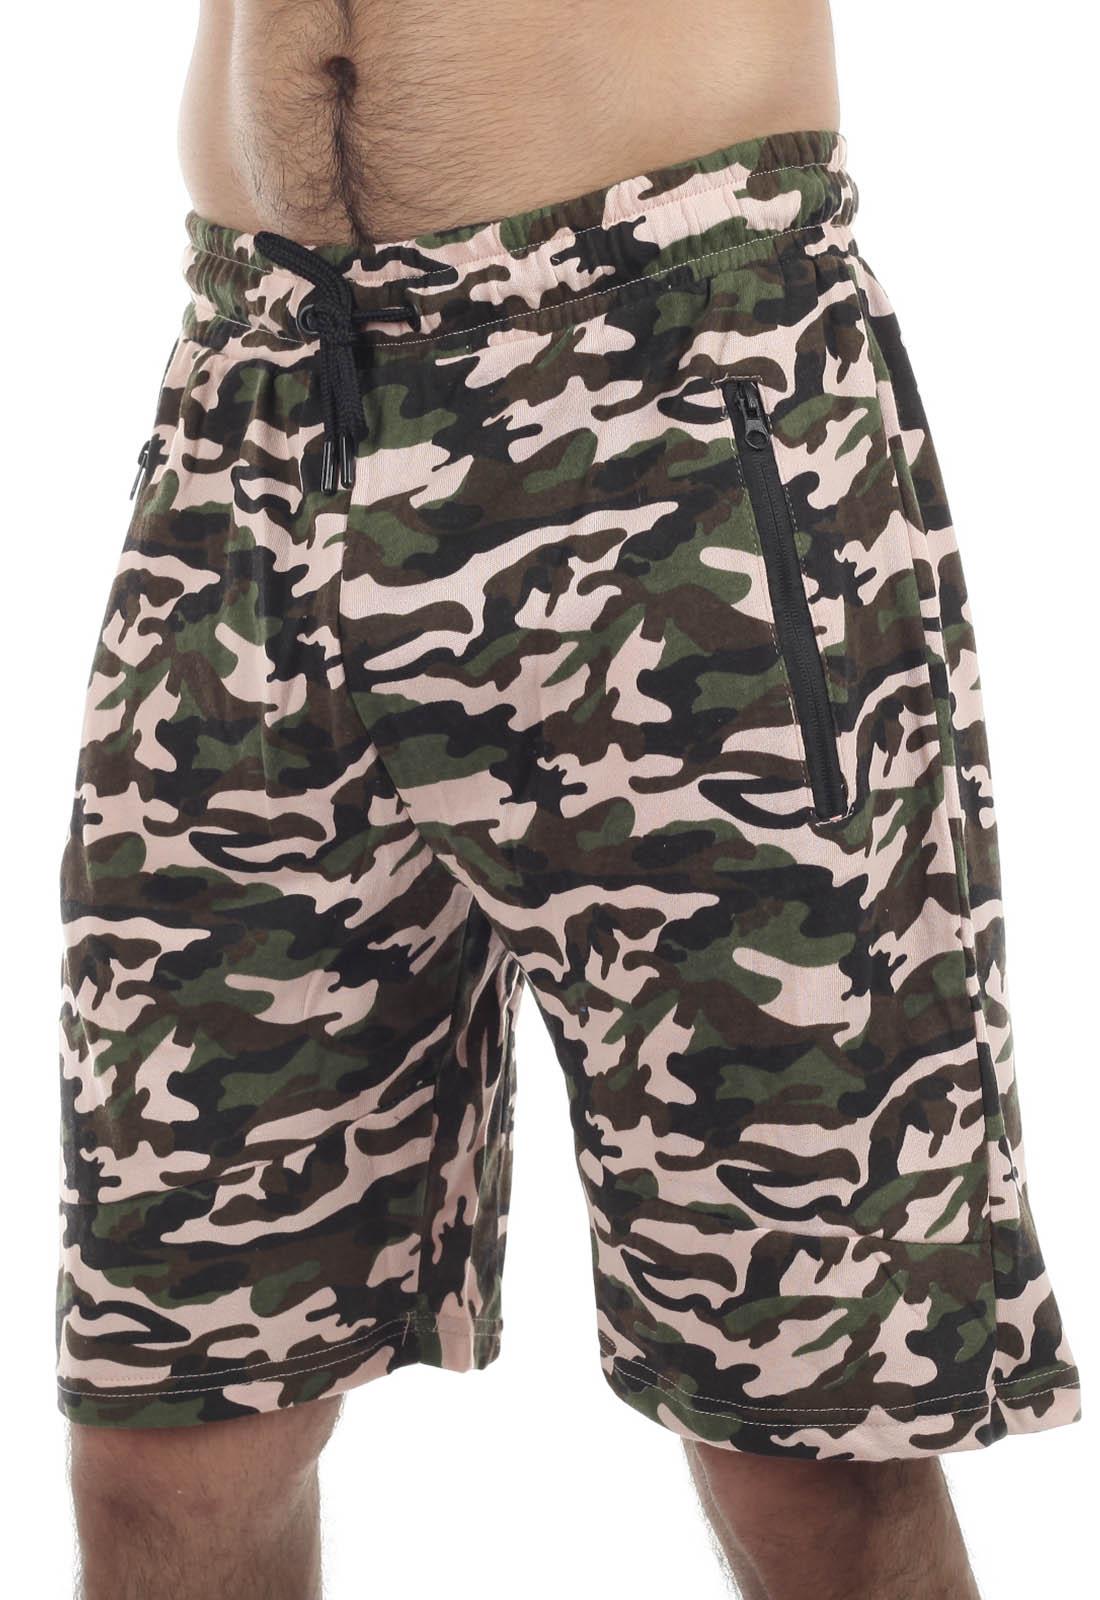 Заказать милитари шорты в интернет магазине Военпро